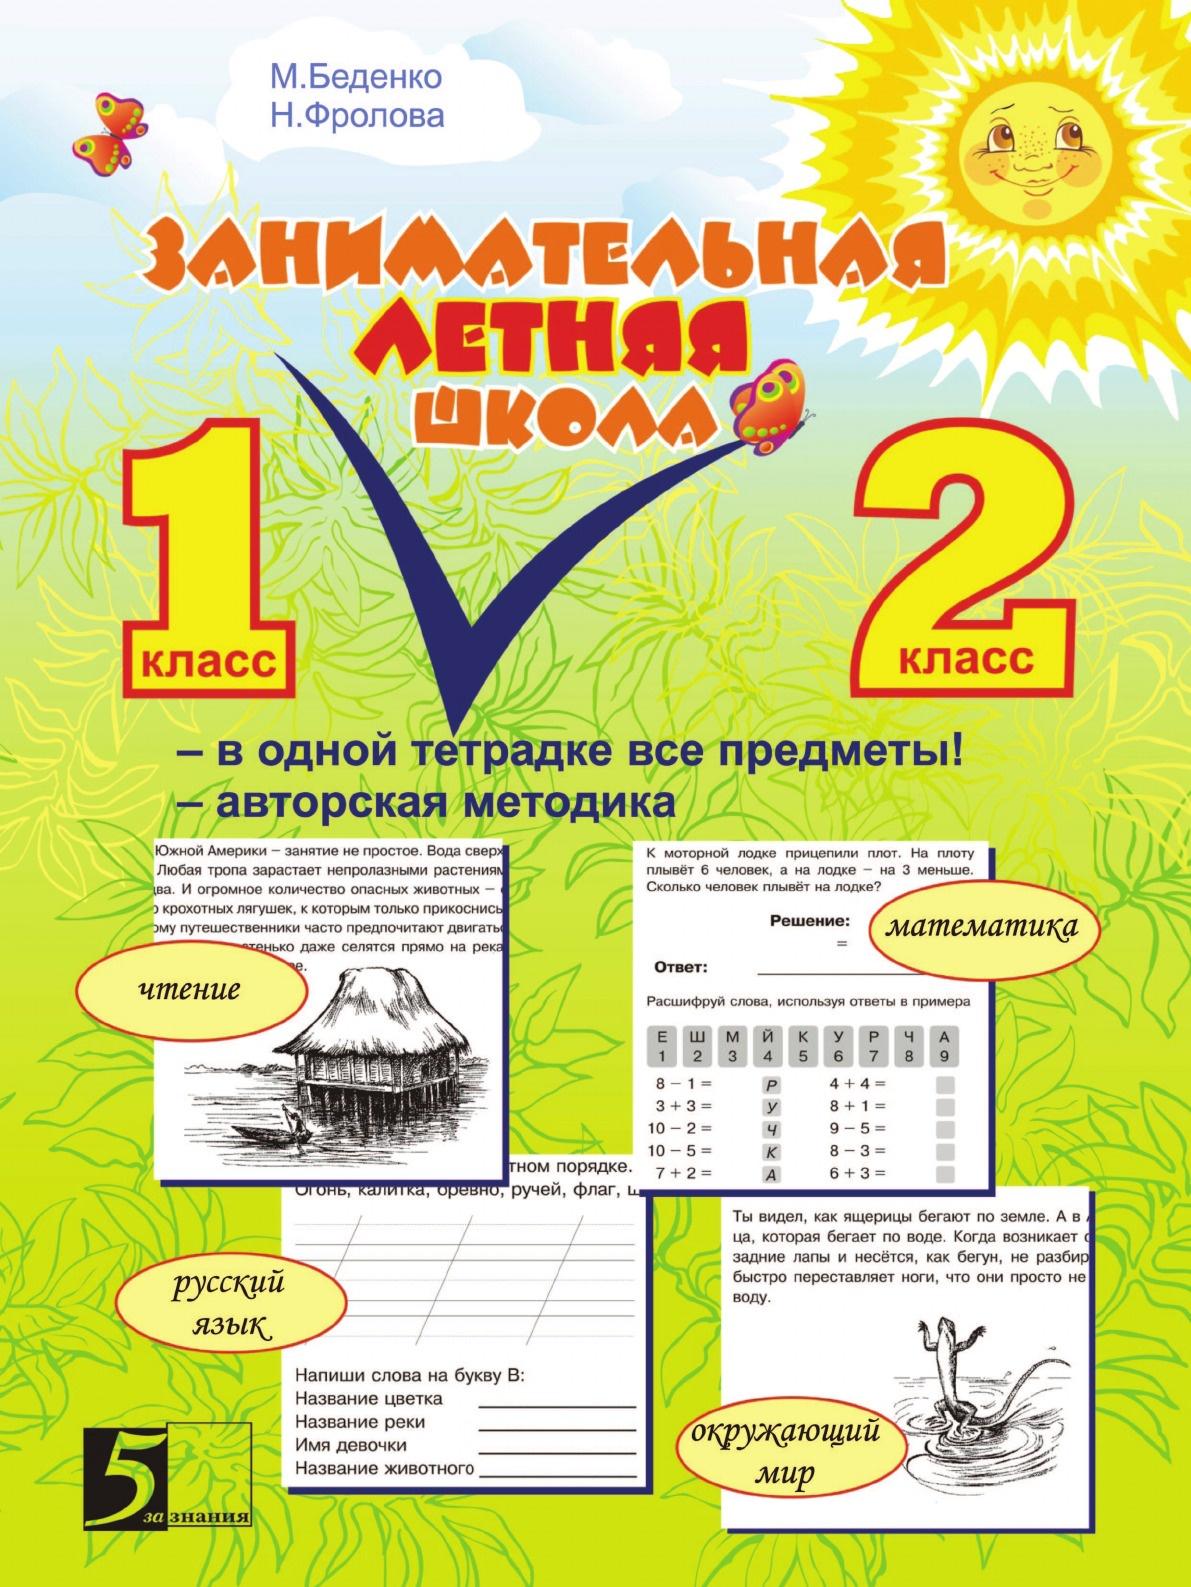 М.В. Беденко Занимательная летняя школа. Все предметы в одной тетради. Авторская методика: 1-2 класс